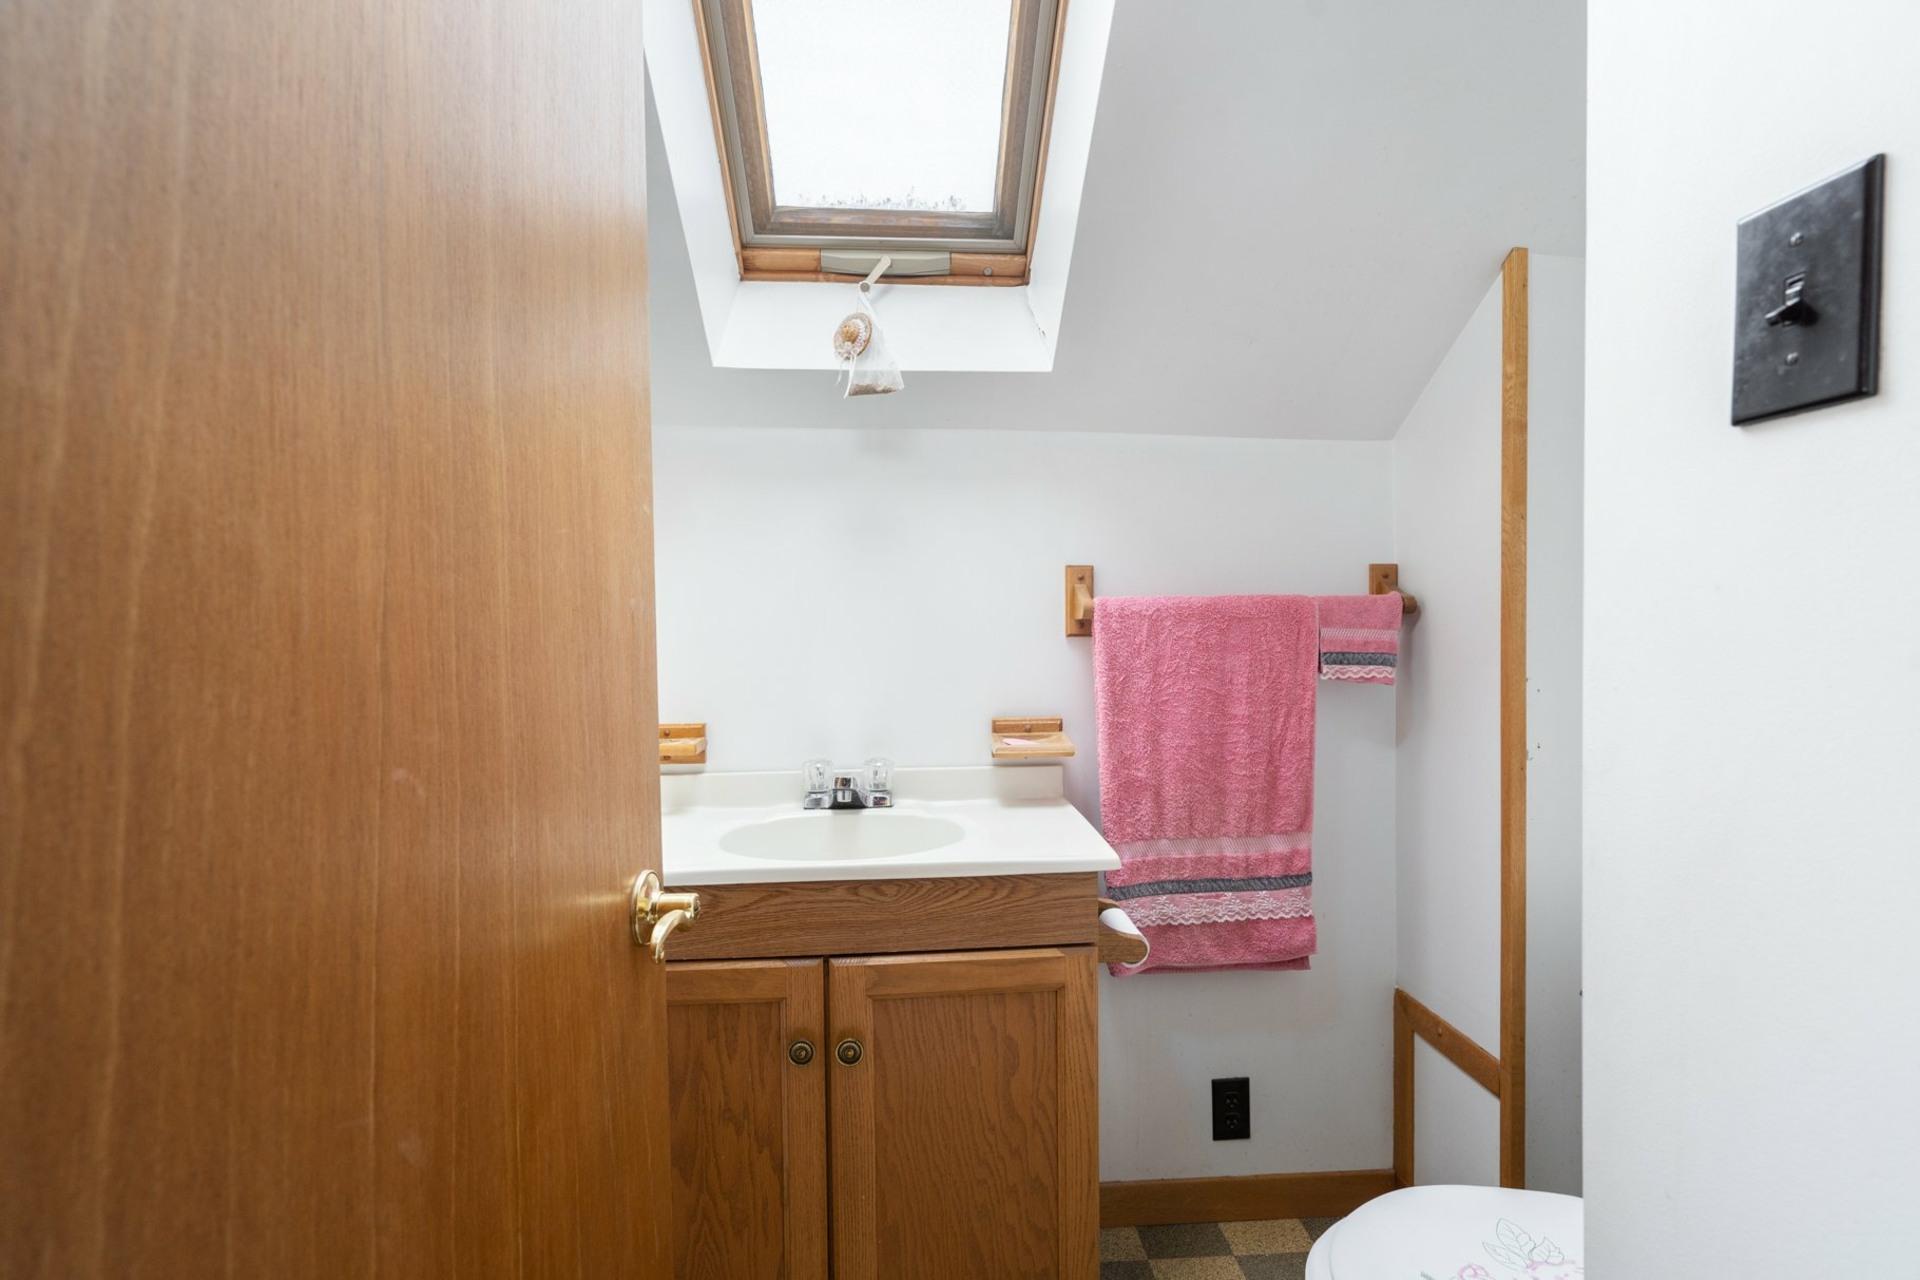 image 12 - House For sale Saint-Laurent Montréal  - 9 rooms